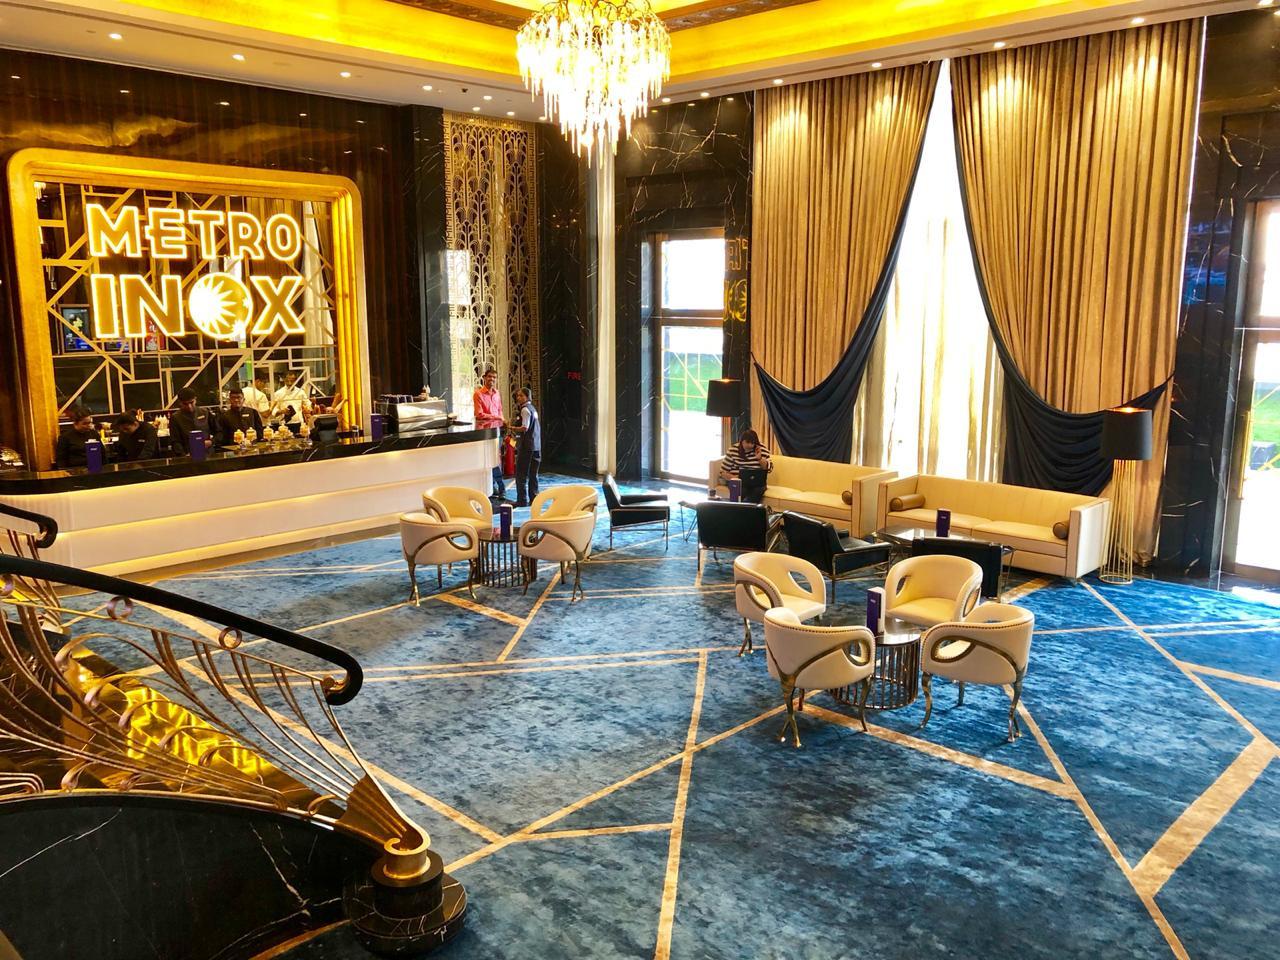 Carpets at Inox Metro Cinema, Mumbai